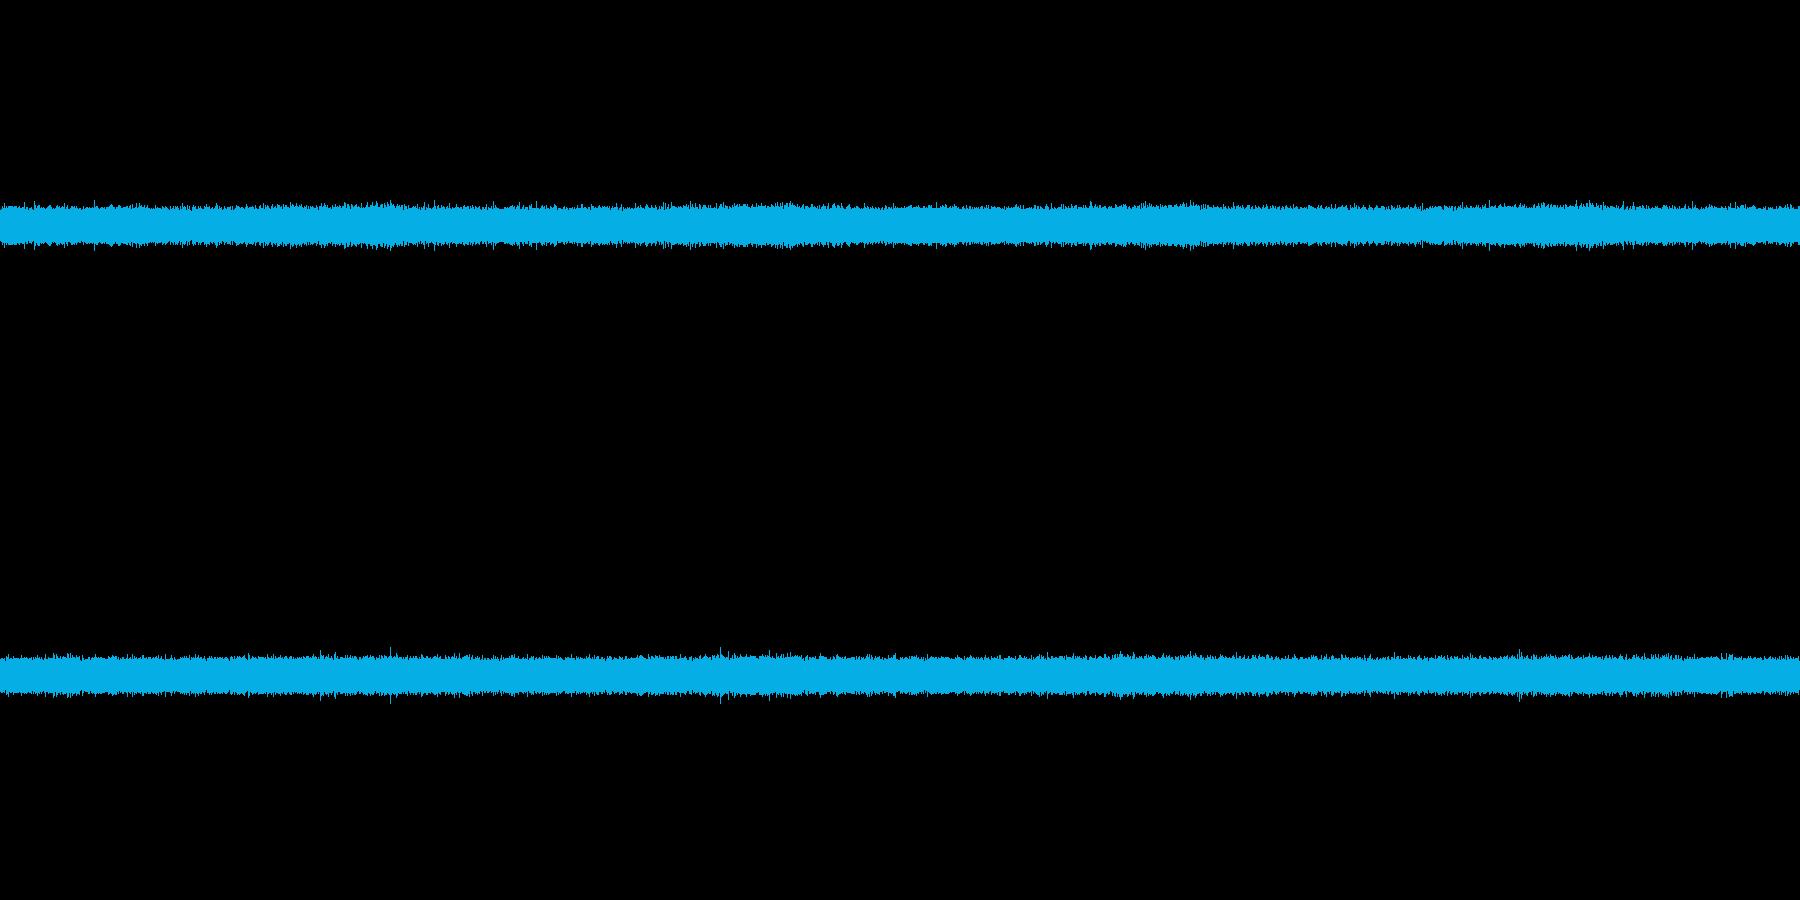 ザー(滝の流れる音)の再生済みの波形